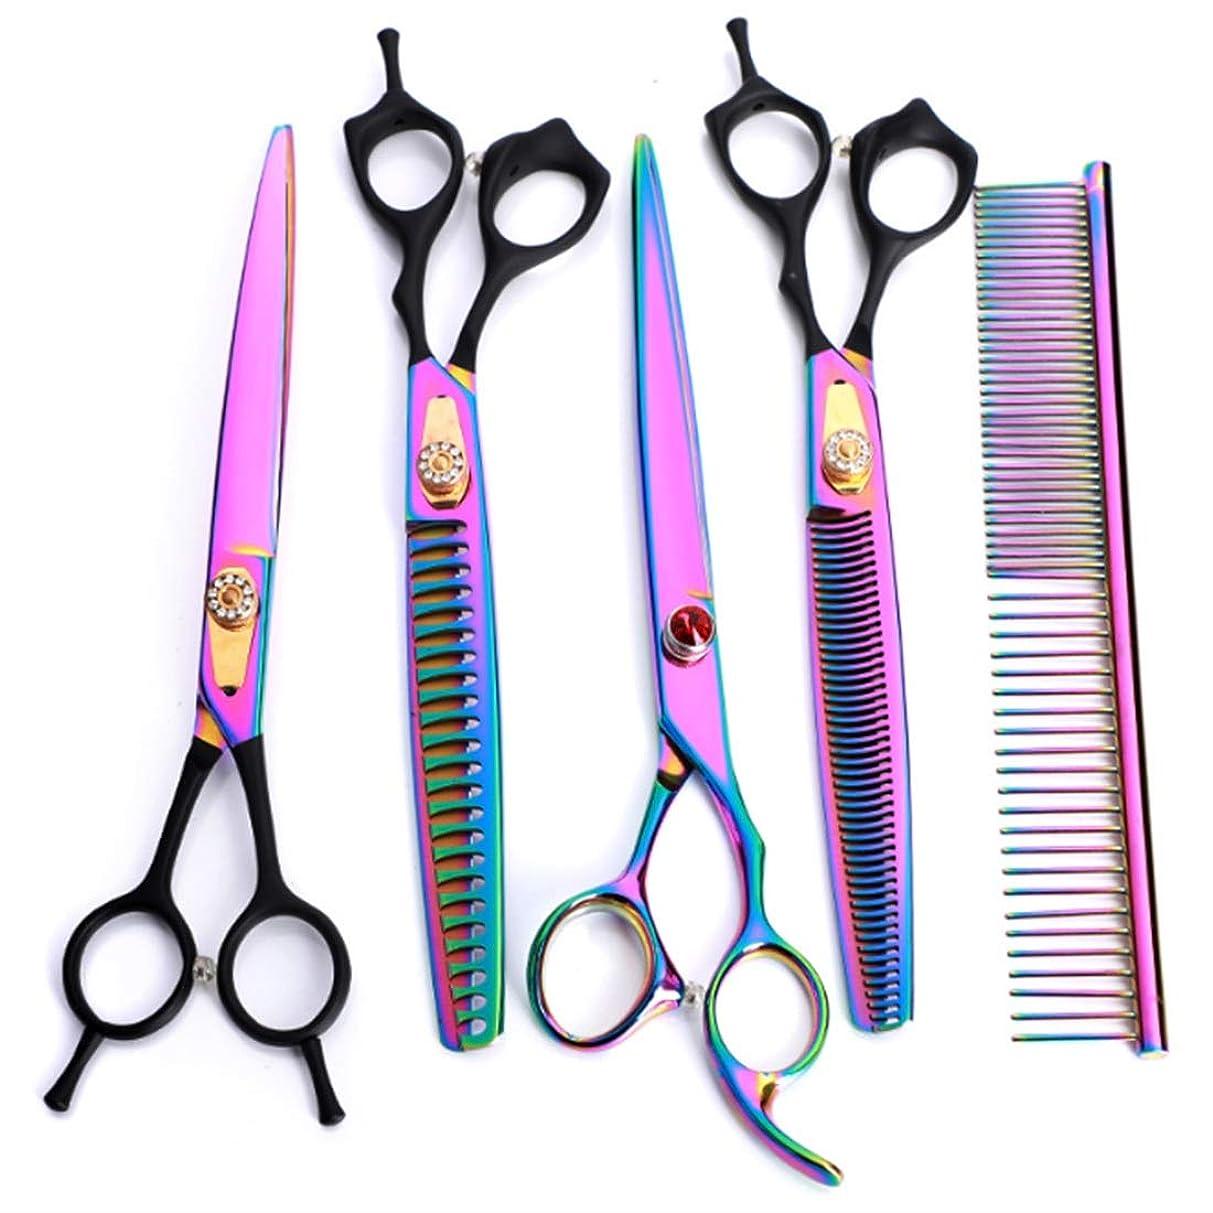 成長保持故障プロの理髪師の髪のはさみ/はさみ(8インチ) - プロの歯科用ハサミ/曲げのはさみは毛の切断をせん断します ヘアケア (色 : 色)